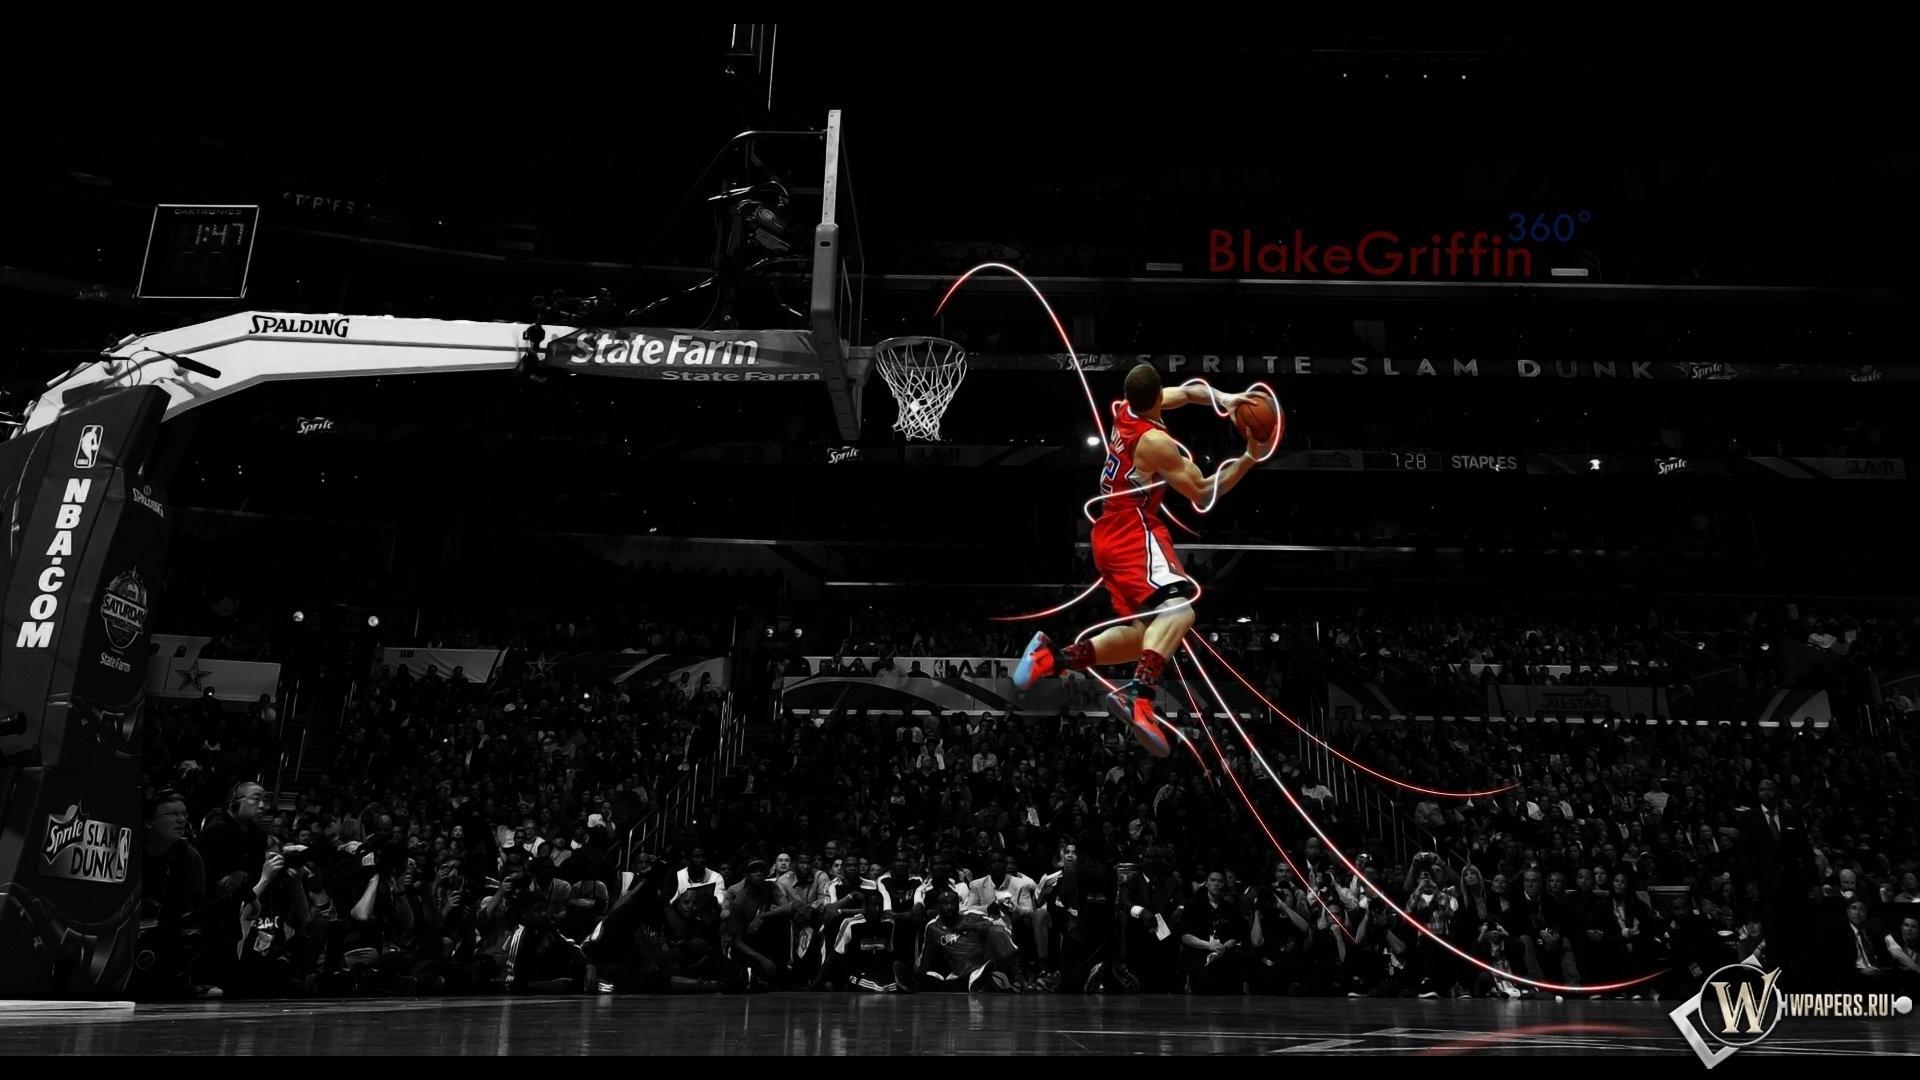 8d0ca6d6188ef Sauter Coloration sélective basketball NBA divertissement performance étape capture  d'écran Mouvements de basketball